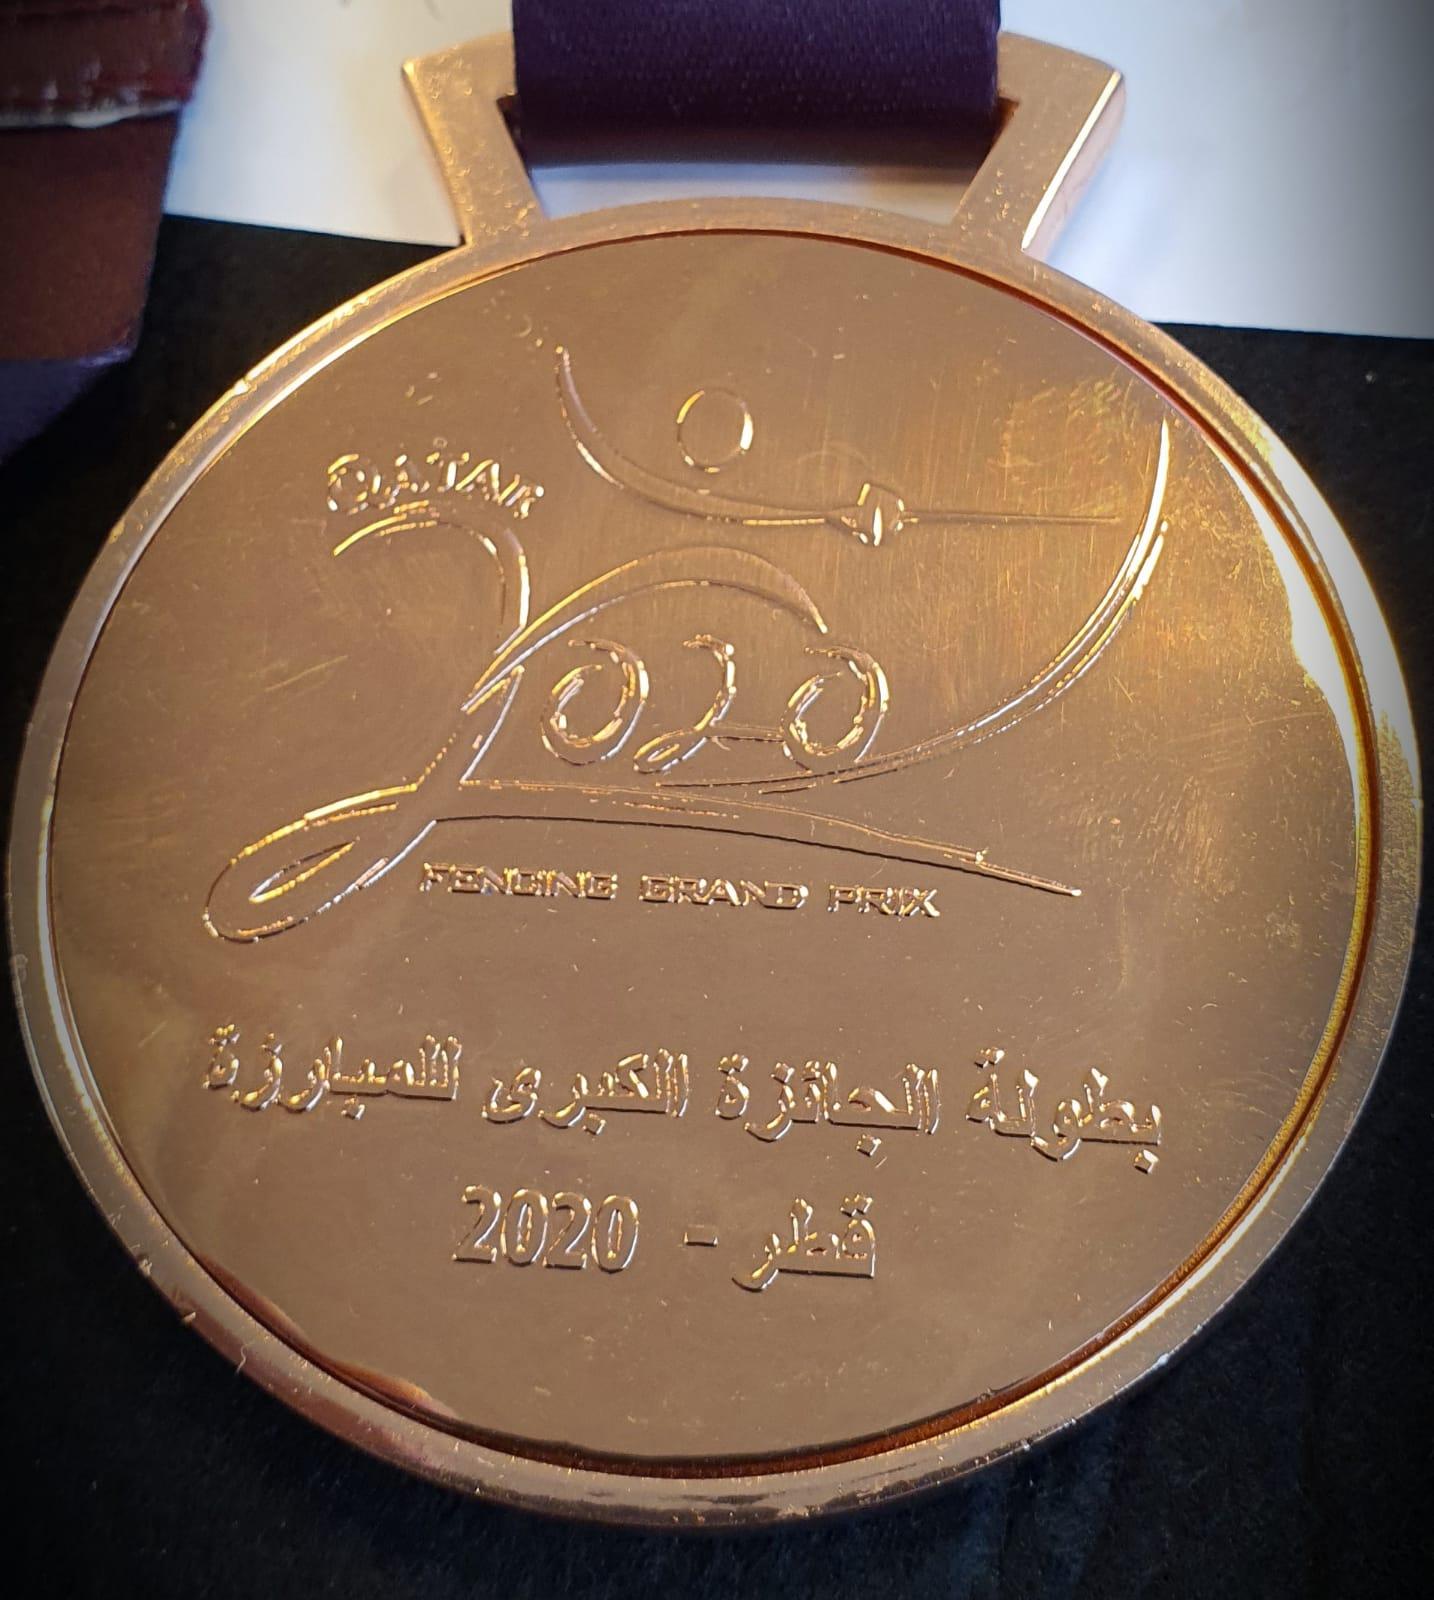 Fencing Grand Prix 2020